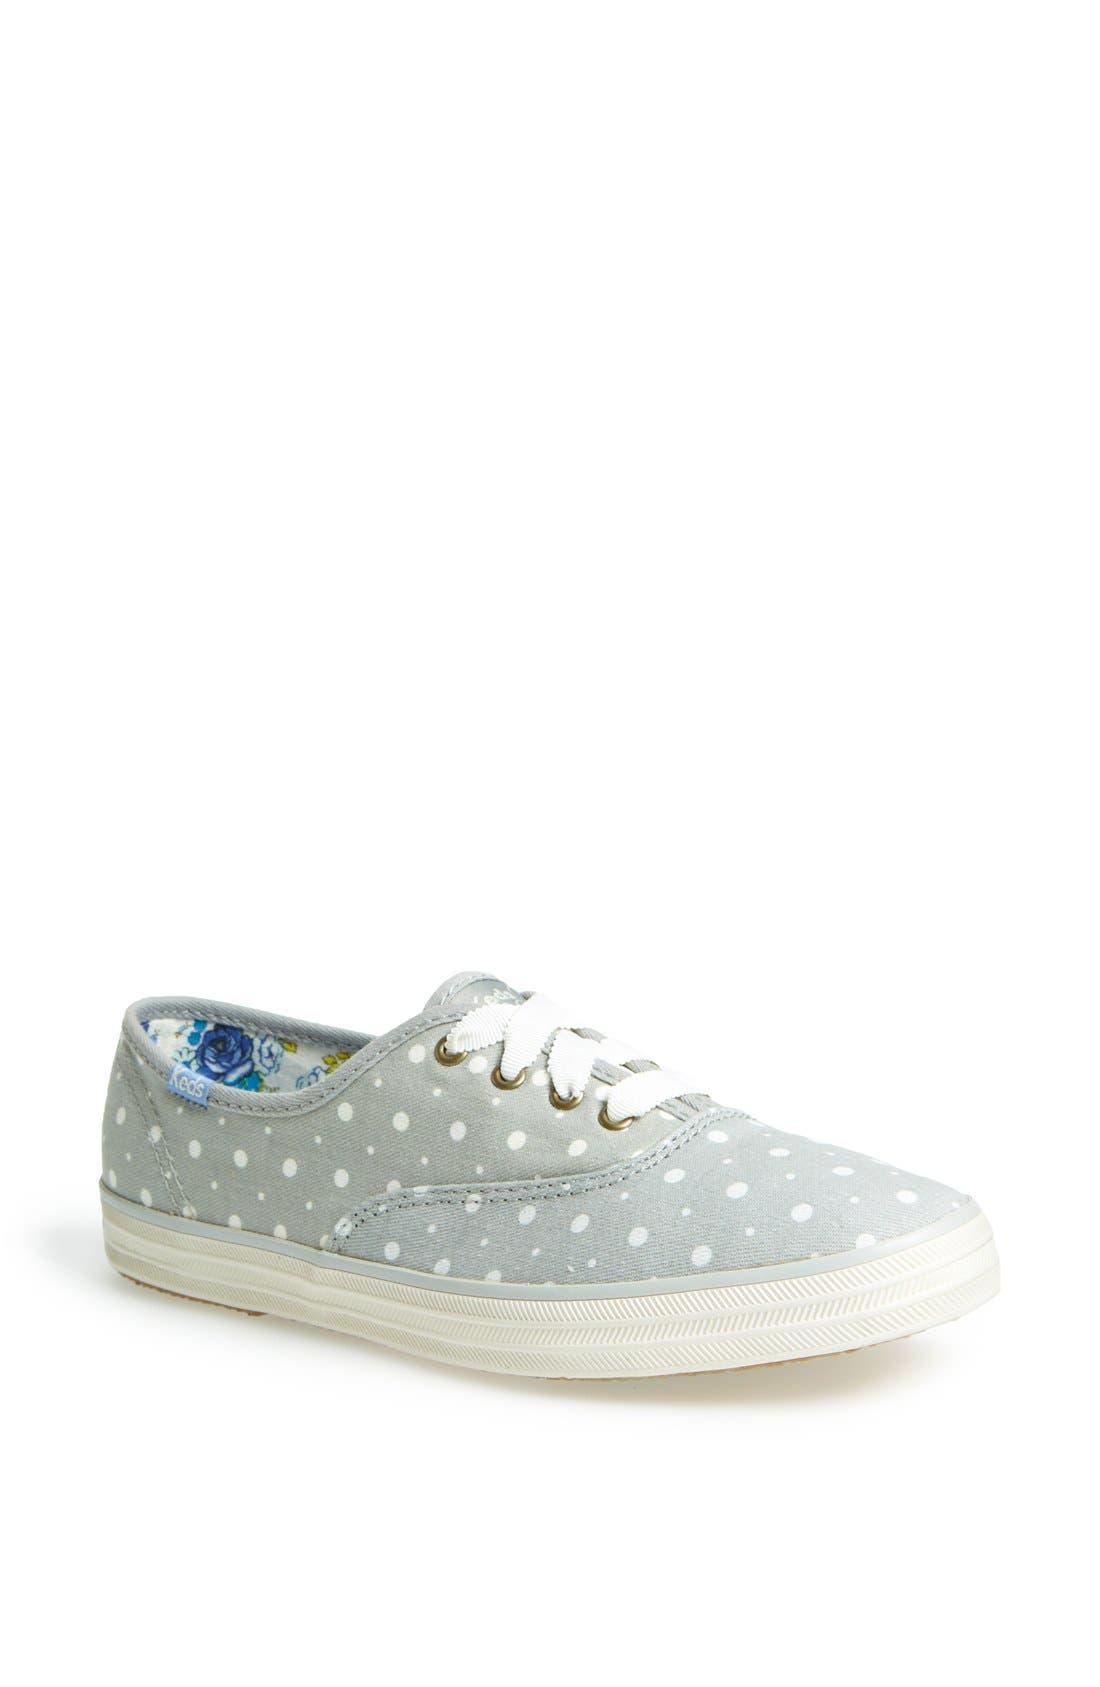 Alternate Image 1 Selected - Keds® Taylor Swift Polka Dot Sneaker (Women)